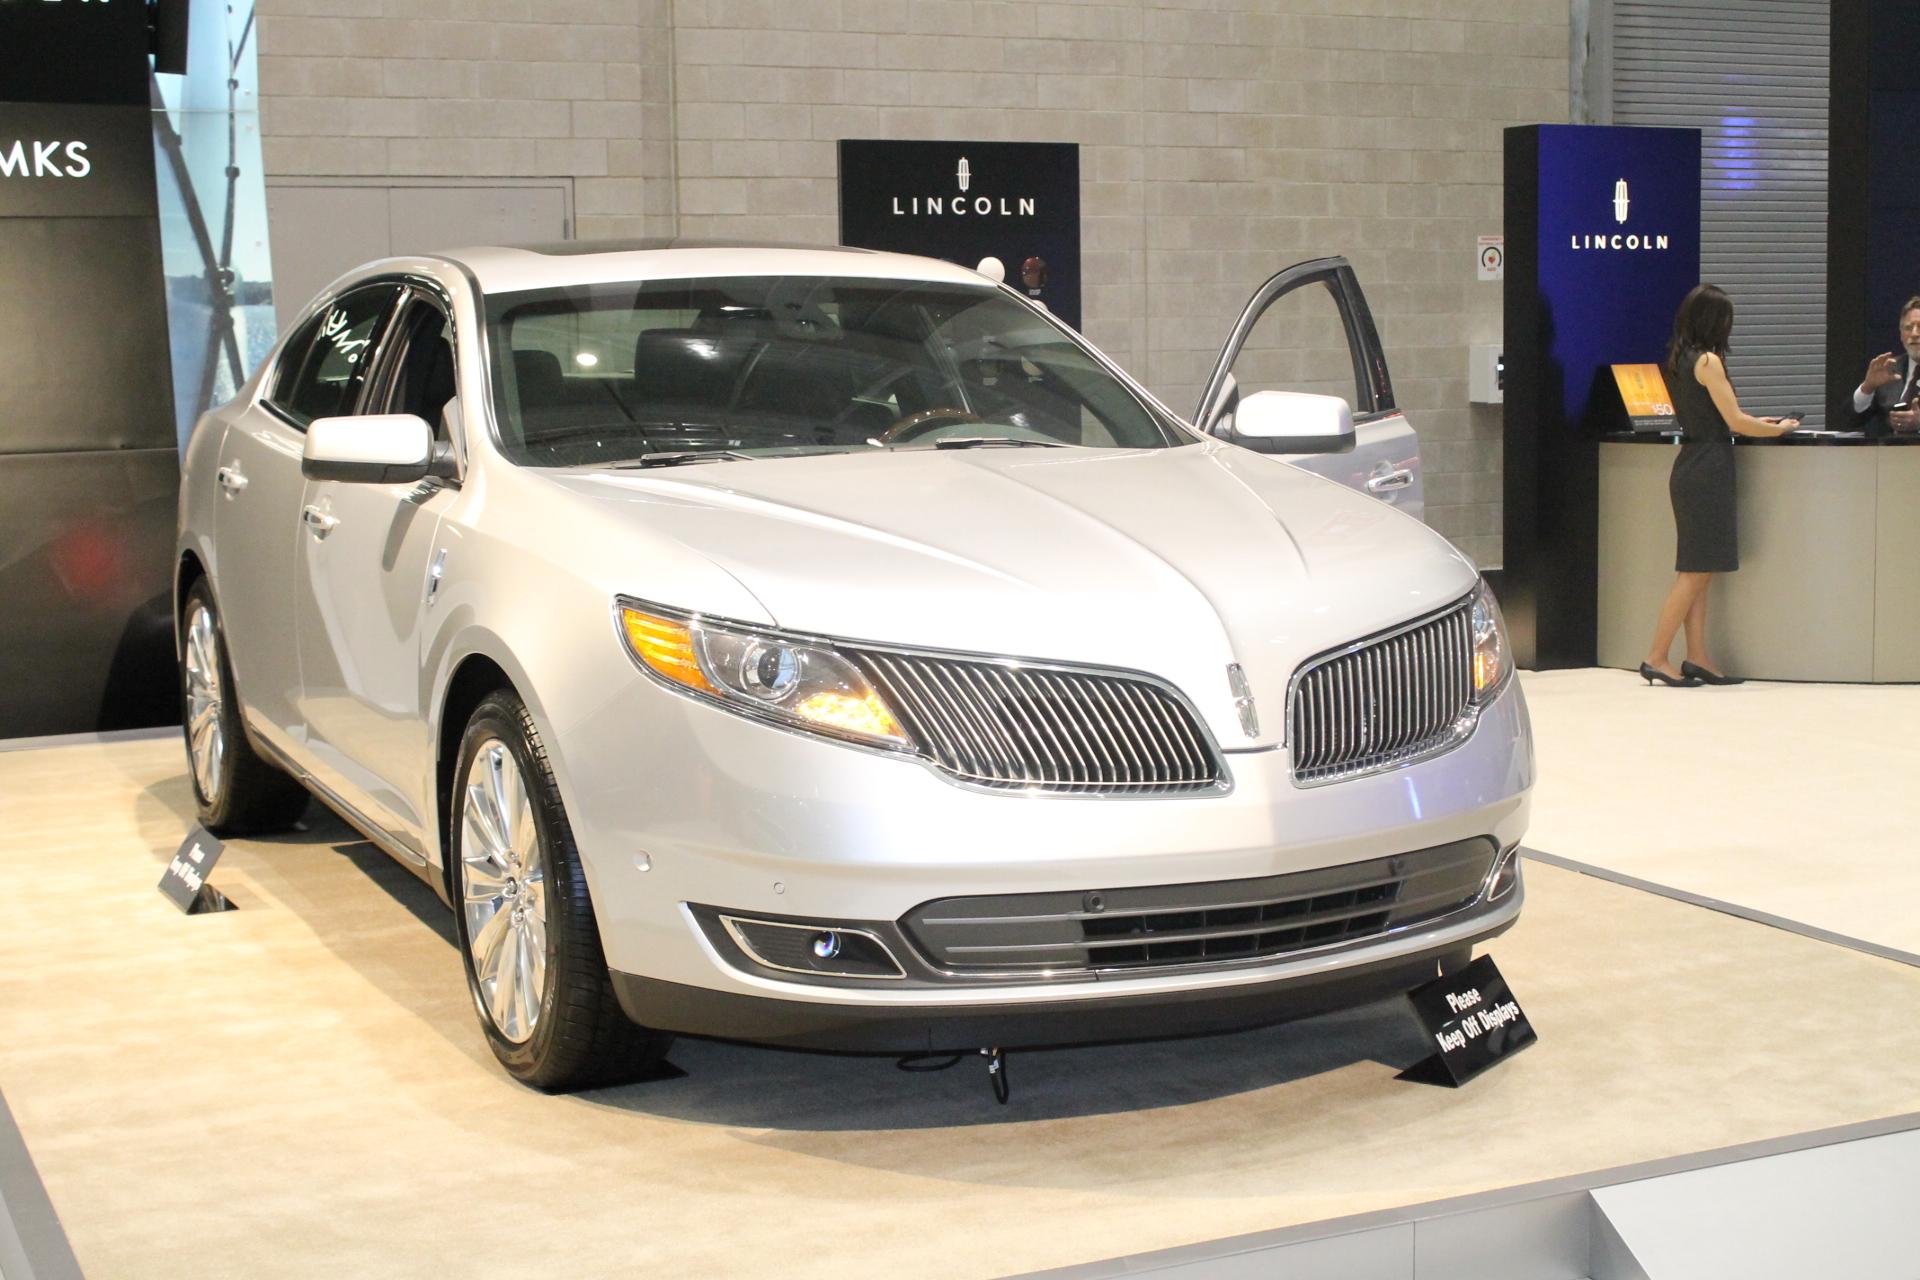 Lincoln MKS Looks Like a Pontiac To Me! |